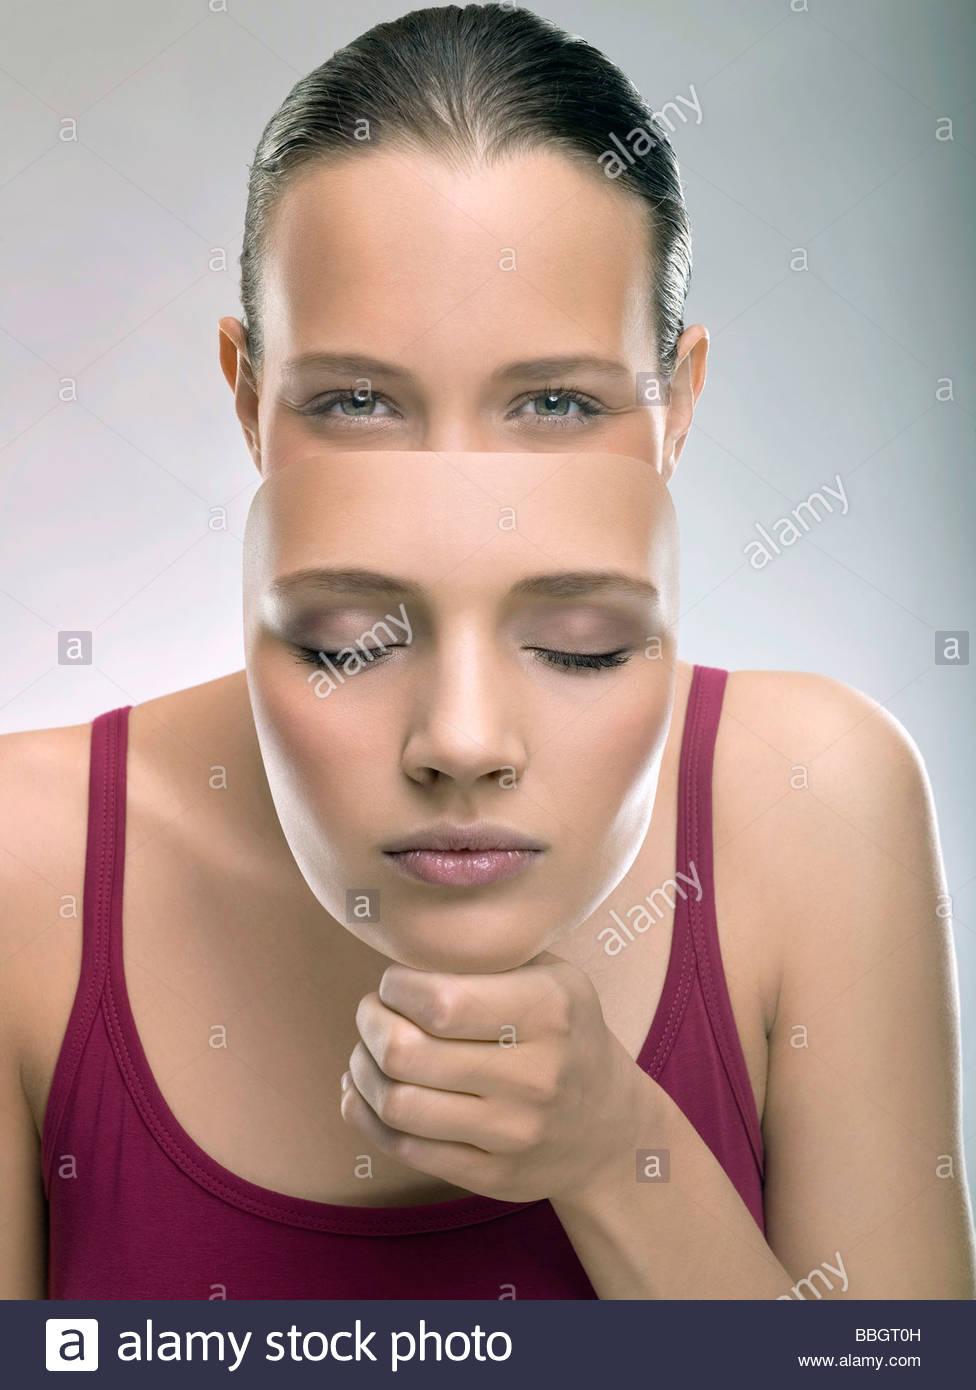 Porträt junge Frau mit einer Maske, Studio gedreht Stockbild